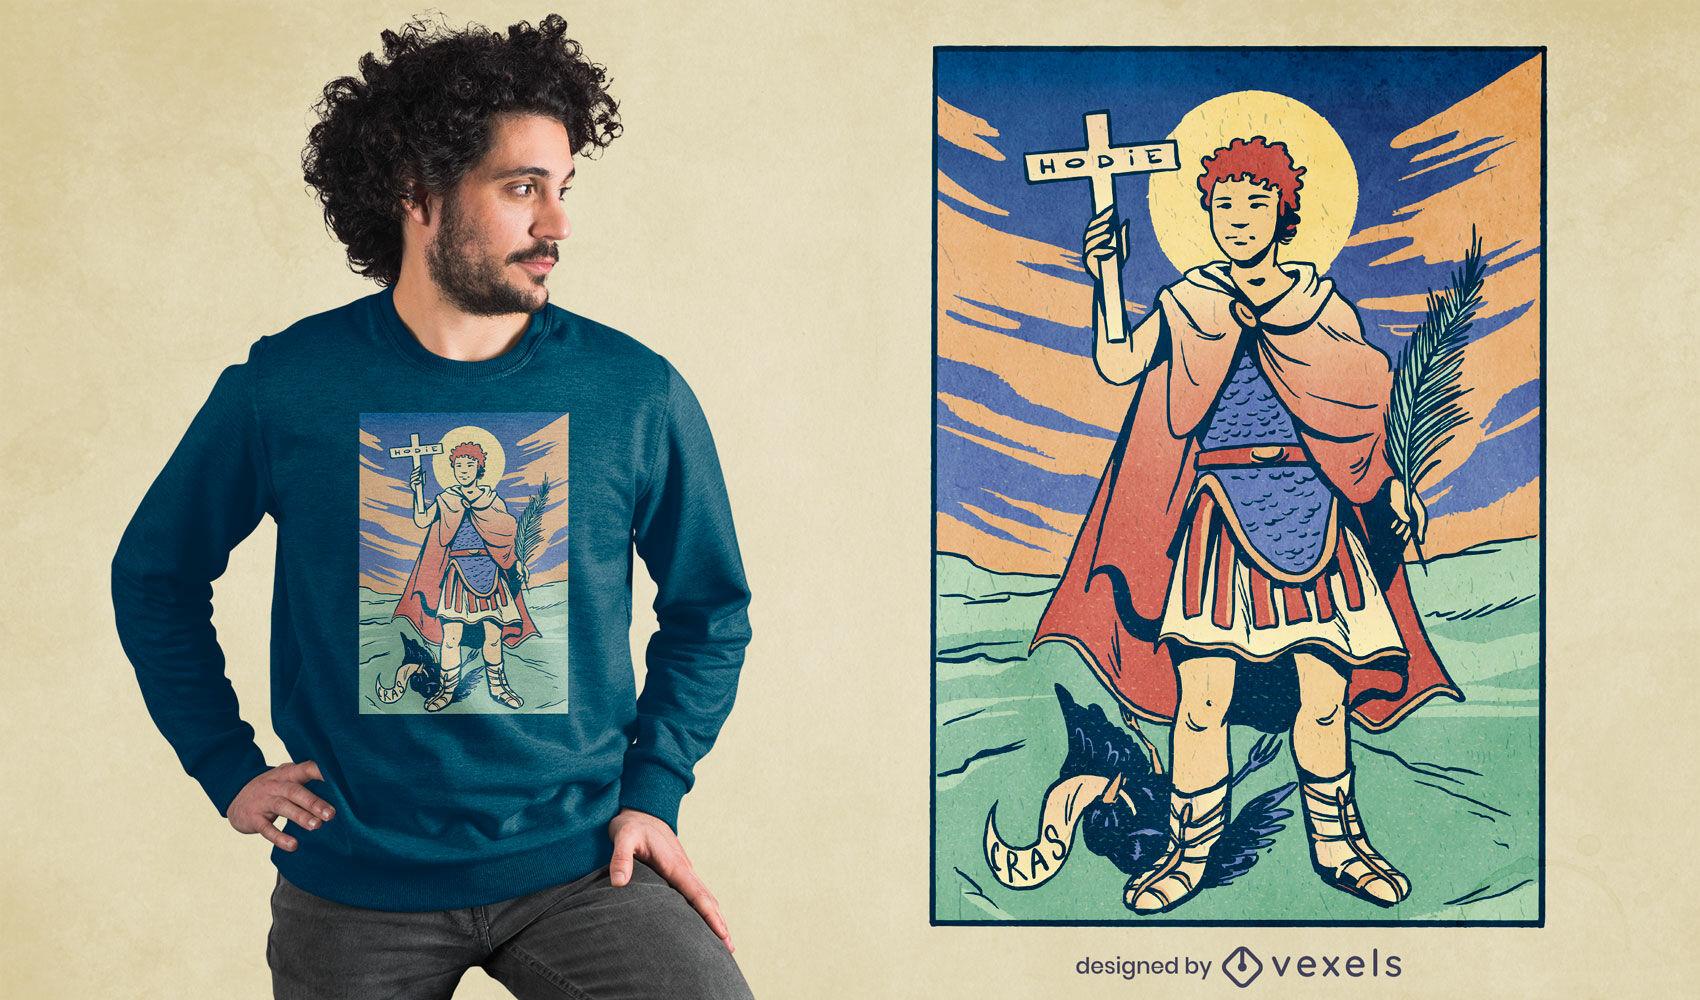 Diseño de camiseta del santo católico del centurión romano.